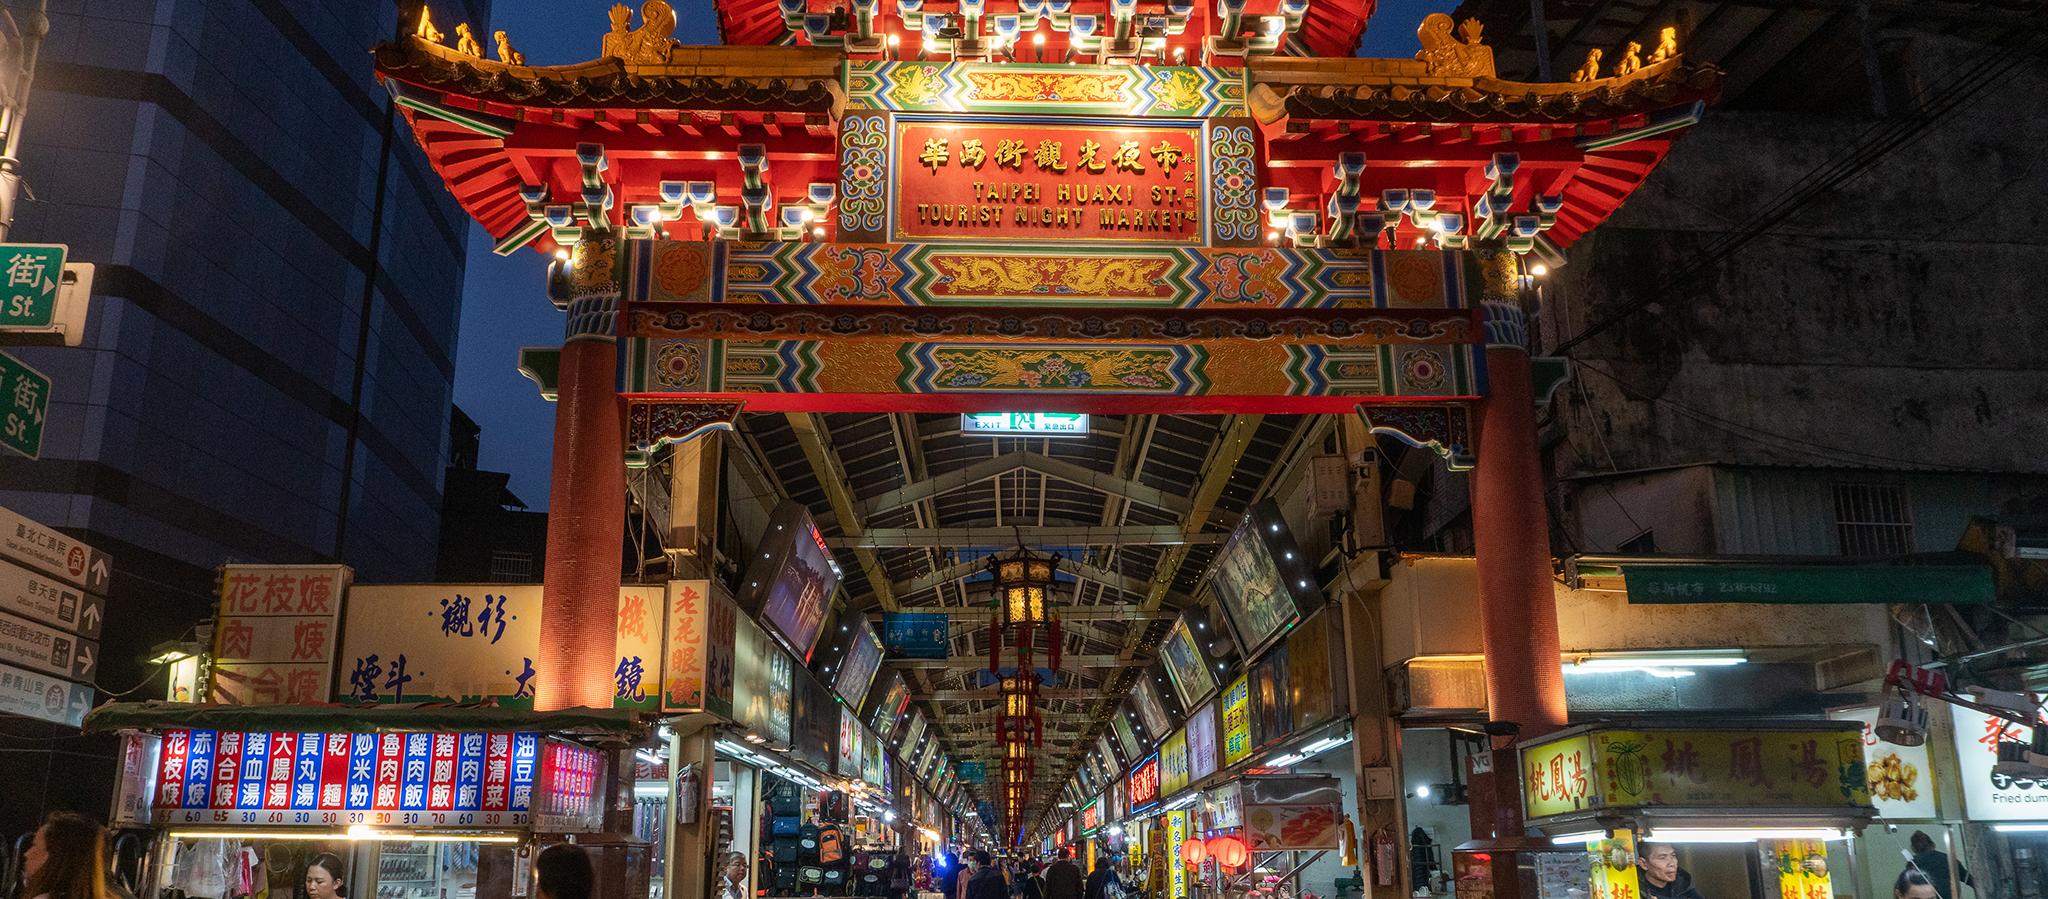 台北・龍山寺 下雨也乾爽好逛的「華西街夜市」,吃在地艋舺美食:魯肉飯、肉羹、甜湯